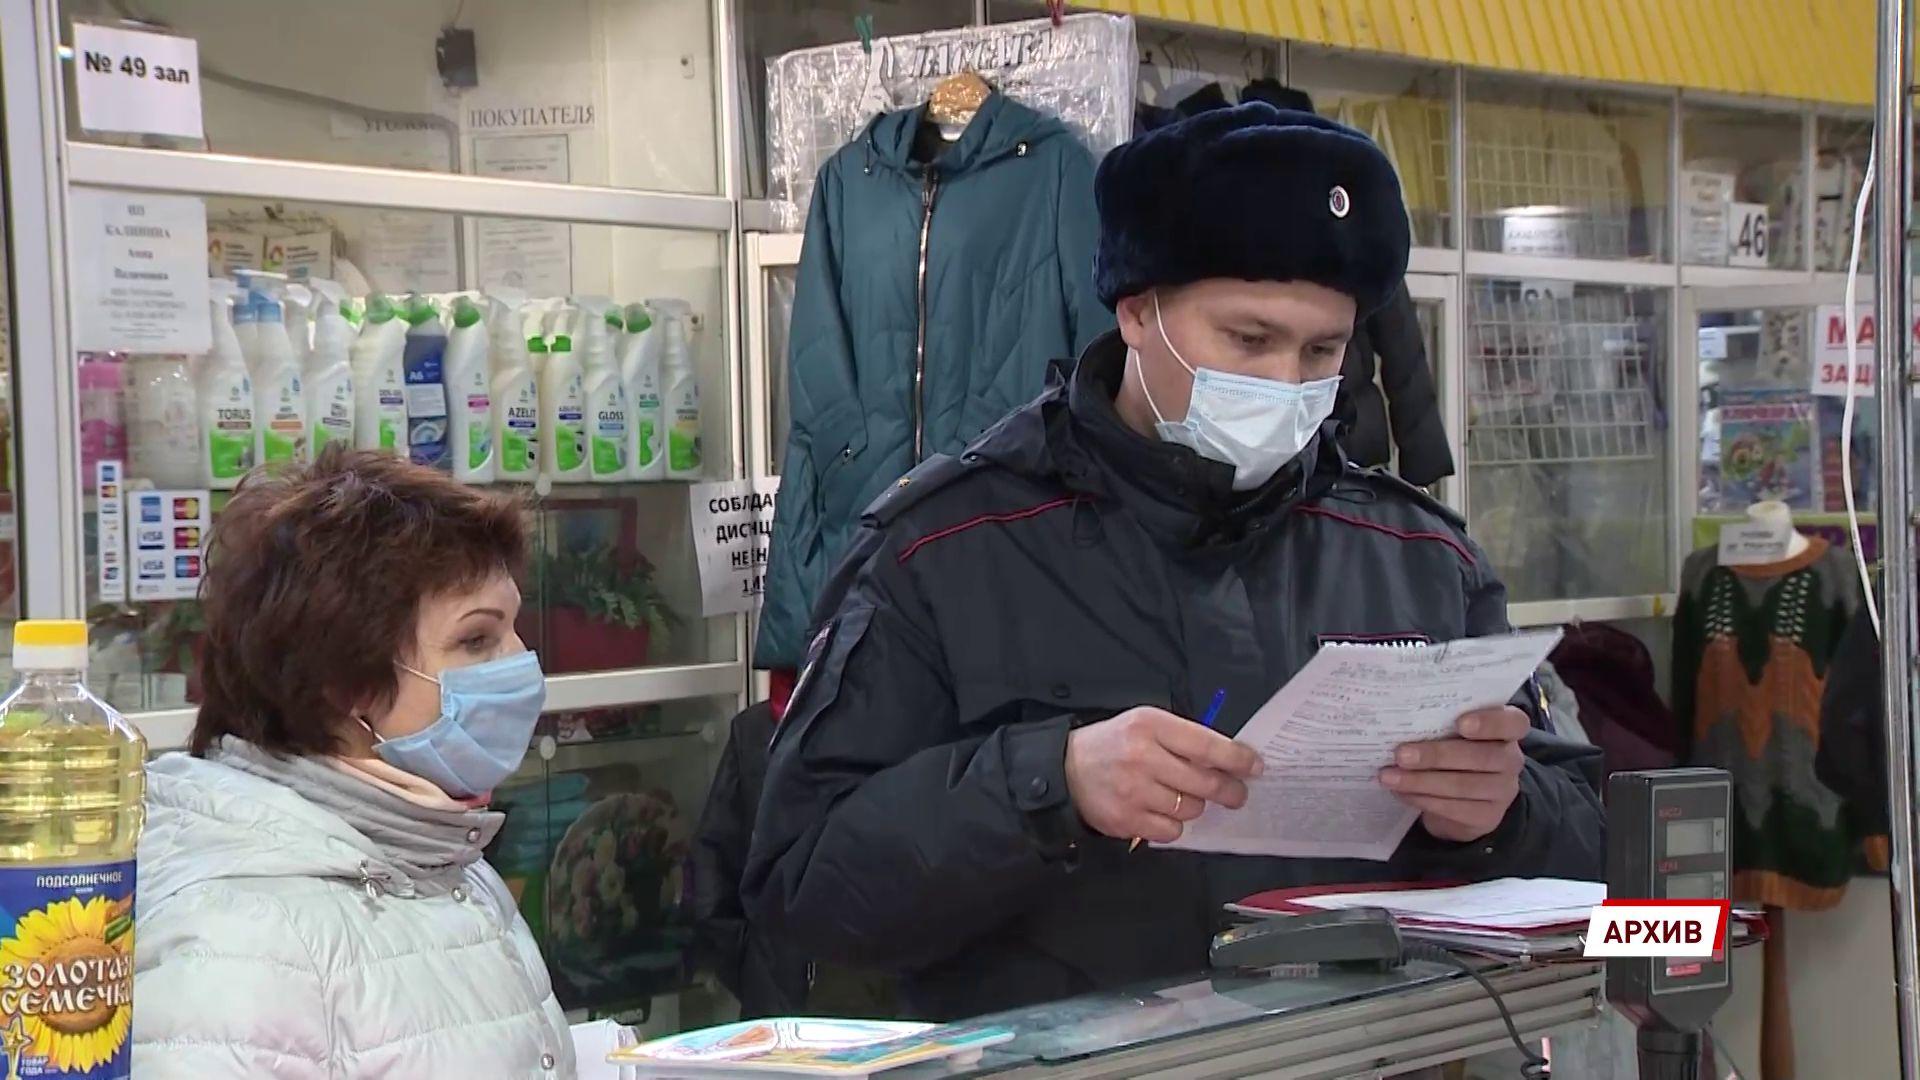 Предприятия и жители Ярославля заплатили свыше 430 тысяч рублей за нарушение масочного режима